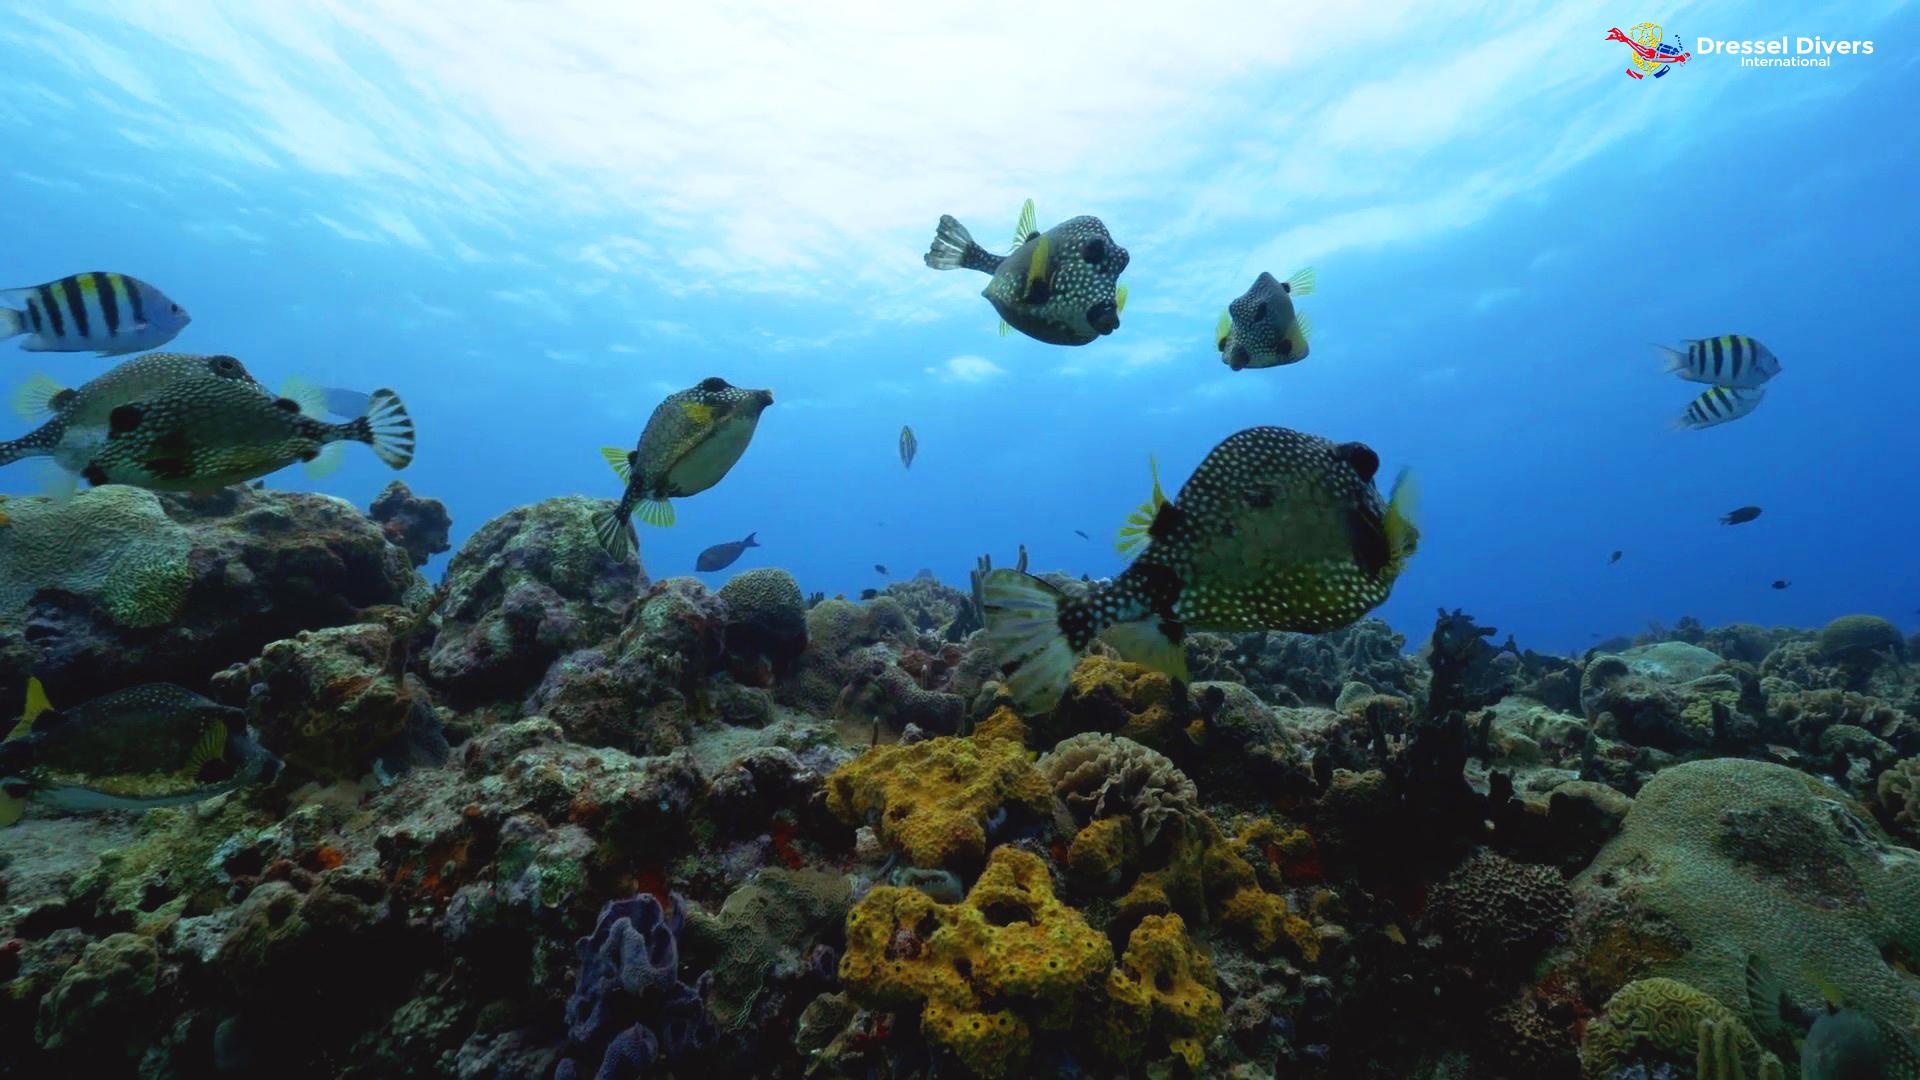 Arrecifes De Coral Del Caribe Cuáles Son Los Mejores Para Bucear